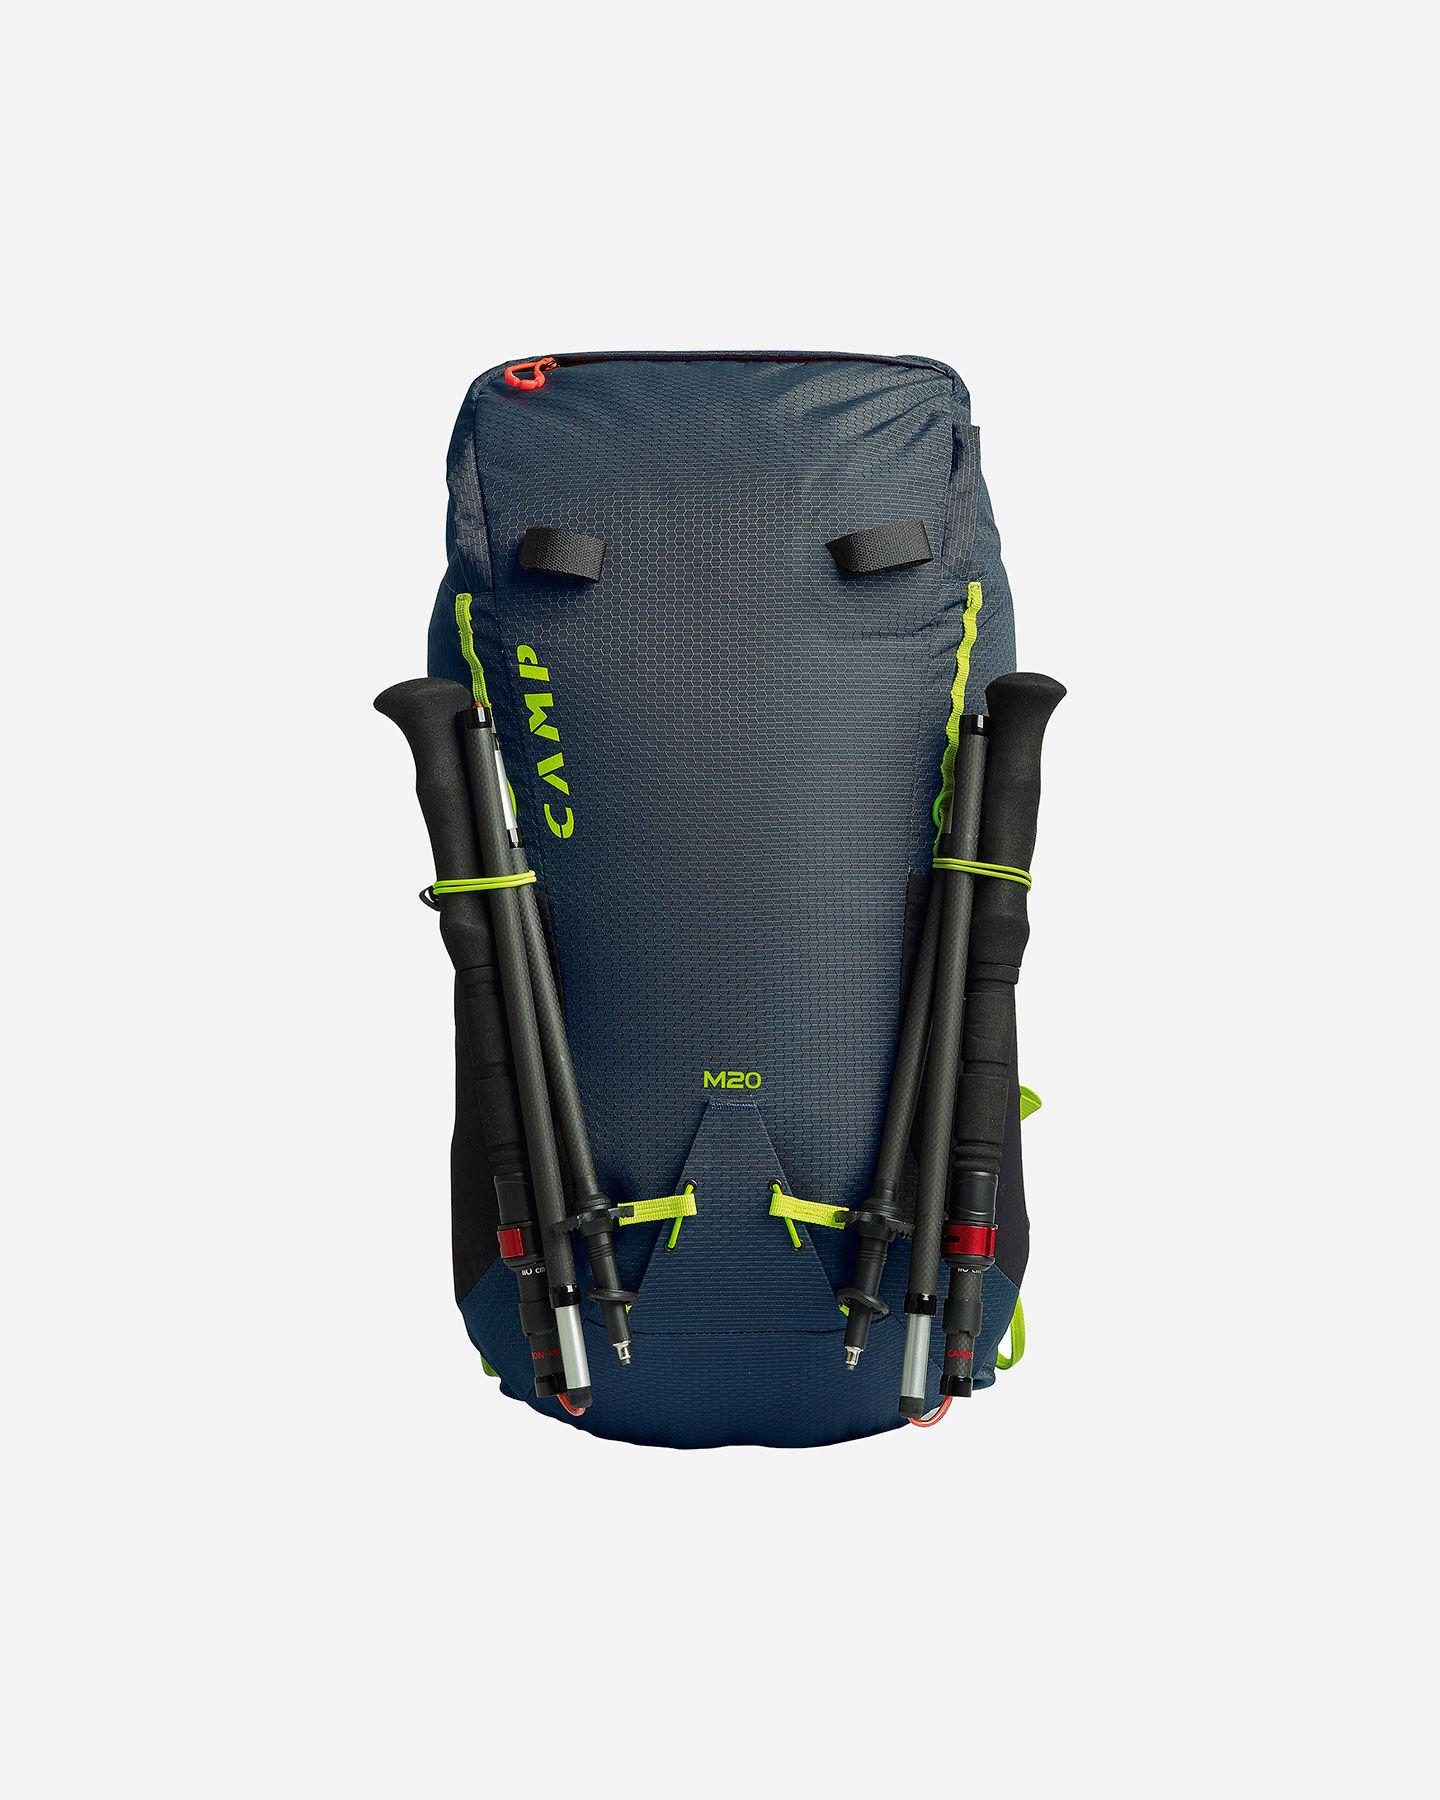 Zaino alpinismo CAMP ZAINO CAMP M20 20L 2918 S4081630|UNI|UNI scatto 3